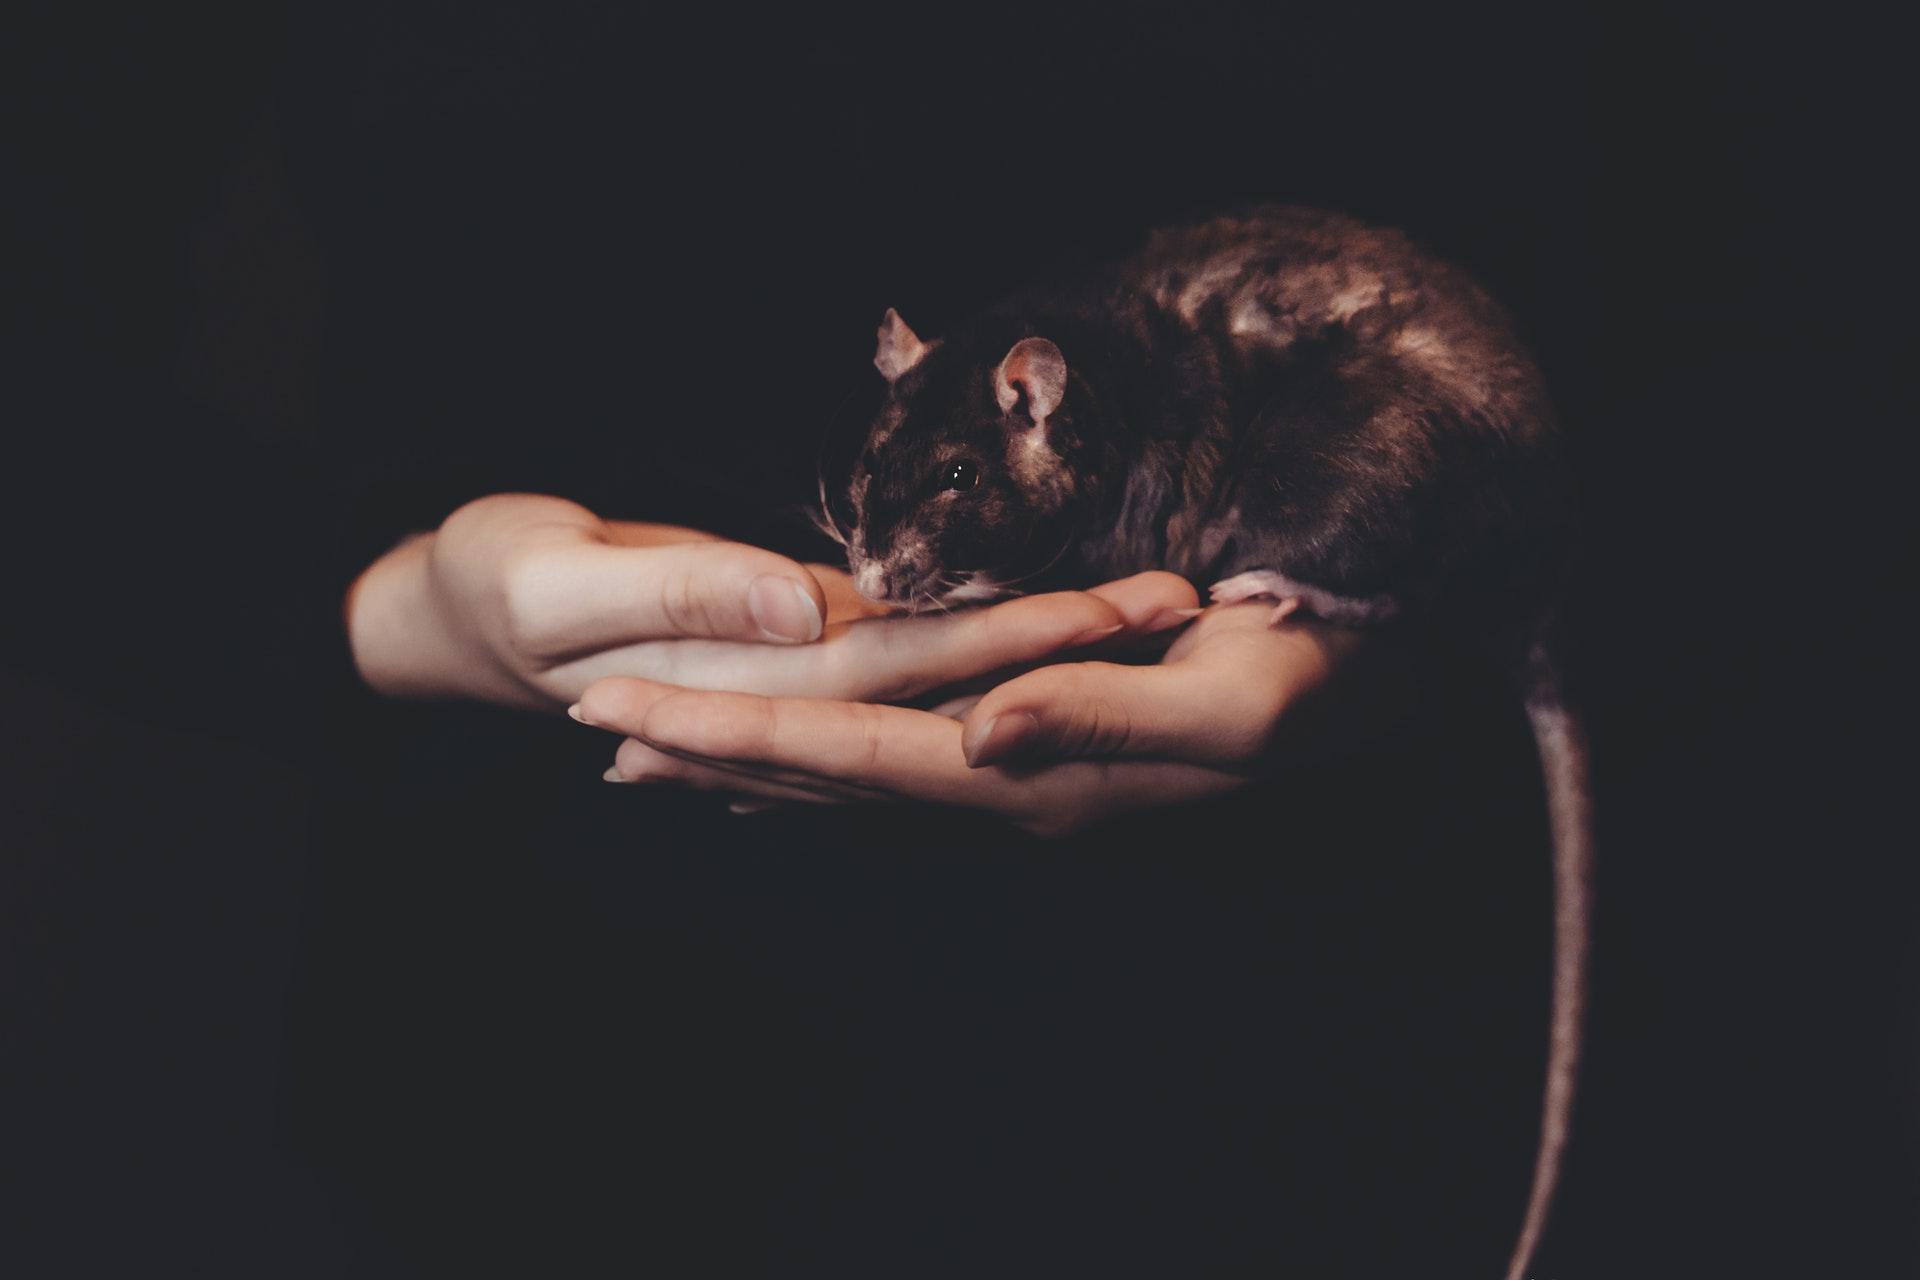 Sonhar com rato de estimação significa ter que controlar medos.